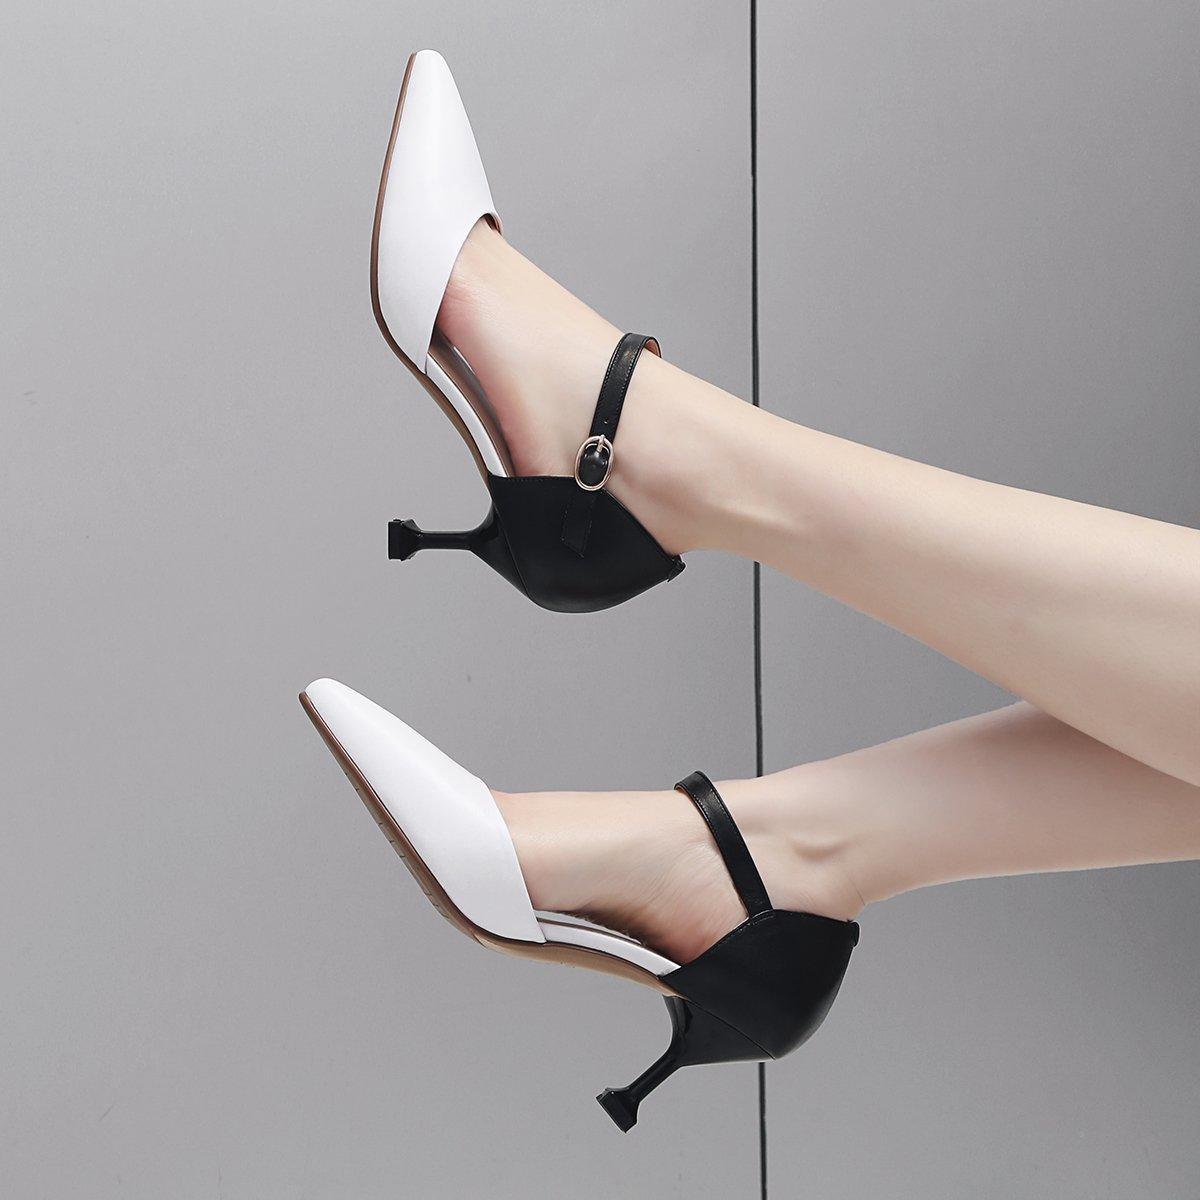 MDRW-Lady/Elegant/Arbeit/Freizeit/Feder 6 Cm High Heels Baotou Sandalen Mode Sexy Sexy Sexy Katze Und Ferse Einzelne Schuhe Schwarz 38 8437c8